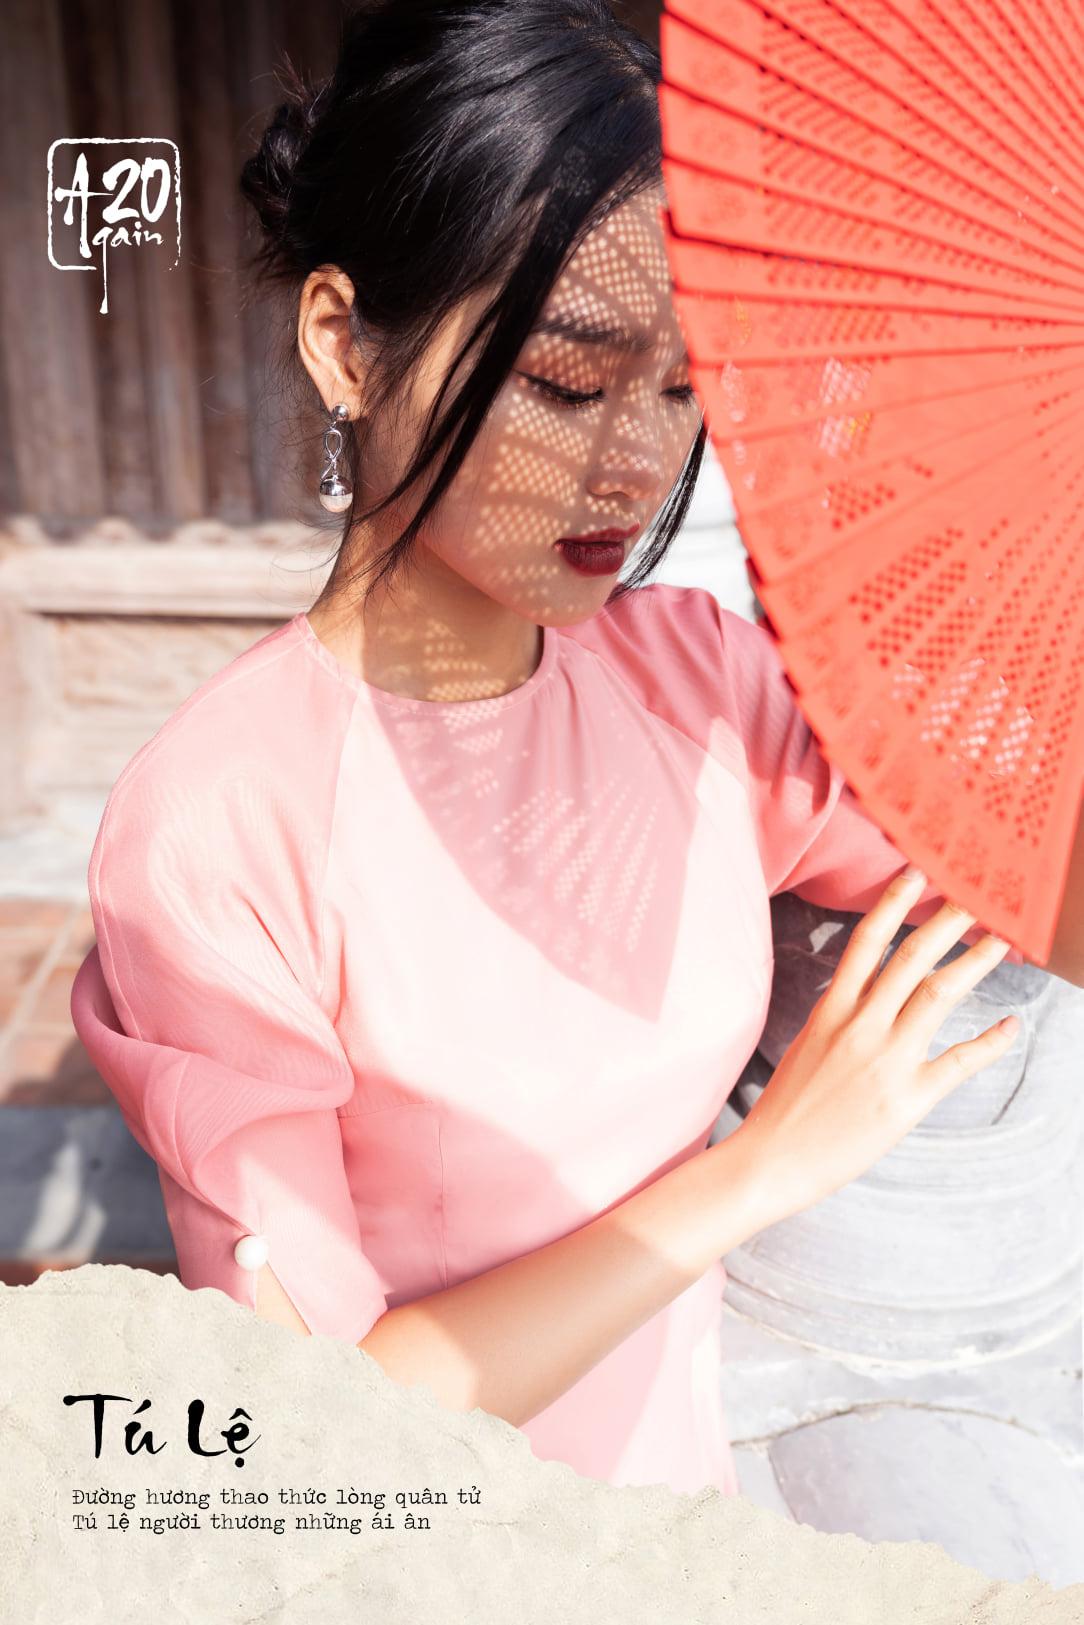 Thời trang 20AGAIN: Cùng xu hướng áo dài cách tân đón xuân mới 2021 - Ảnh 2.